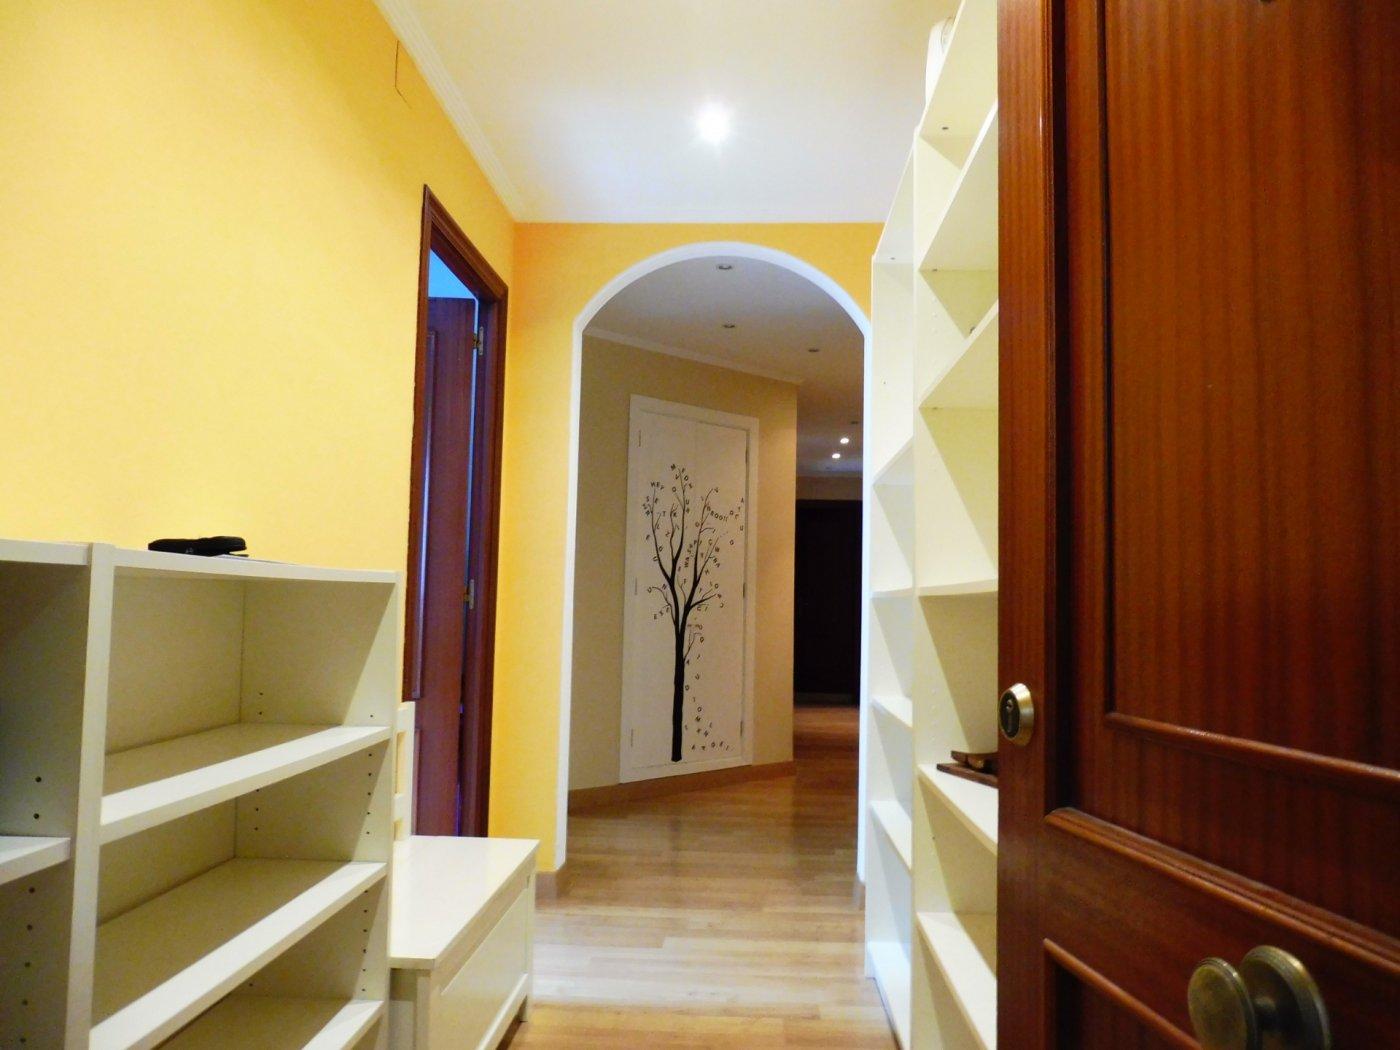 Amplio piso enfrente del centro de salud de perchera en nuevo gijón - imagenInmueble1